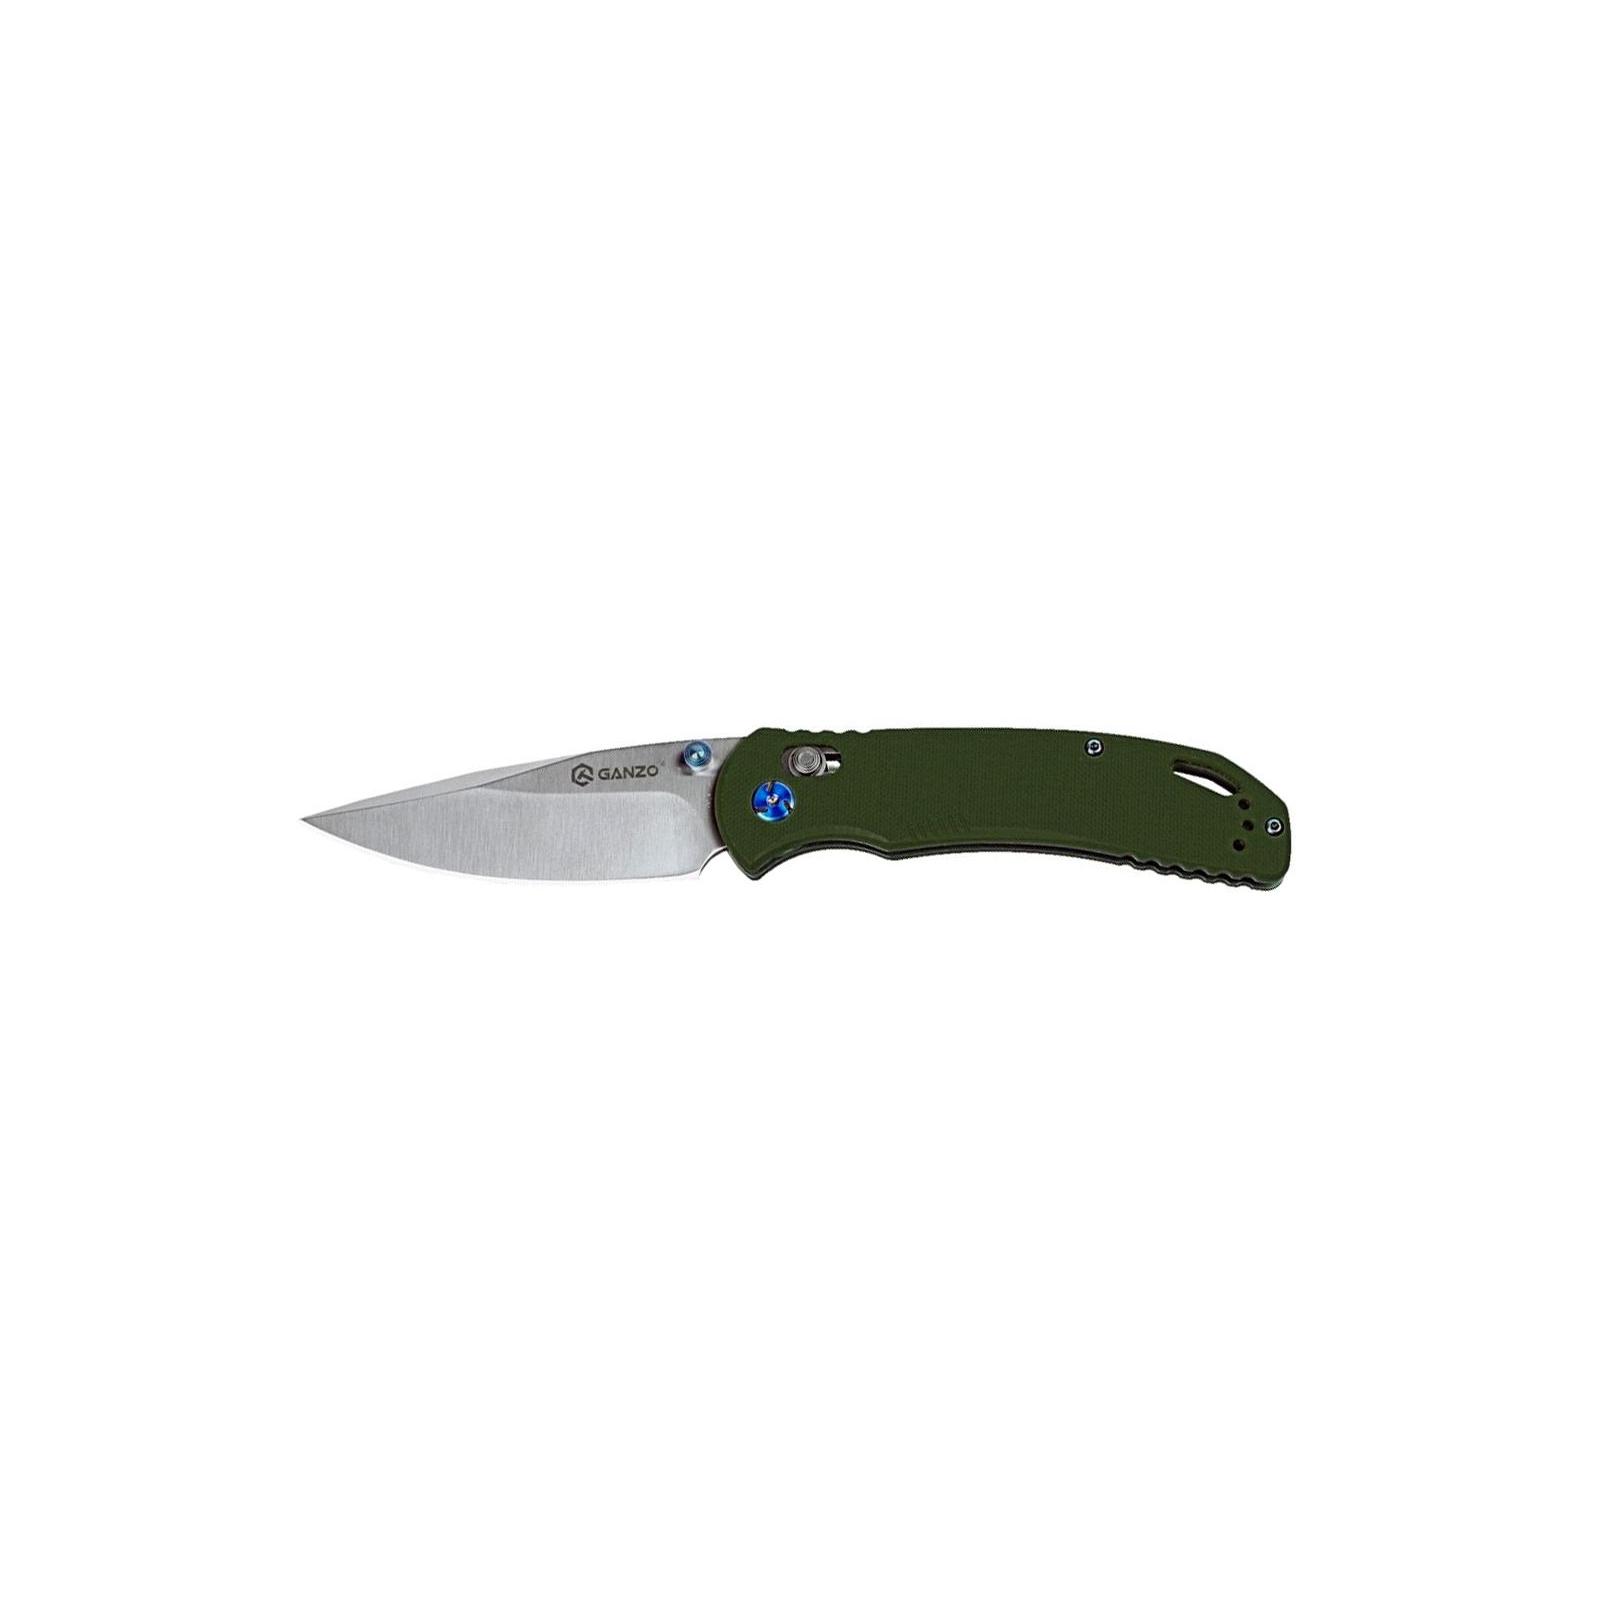 Нож Ganzo G7531-GR